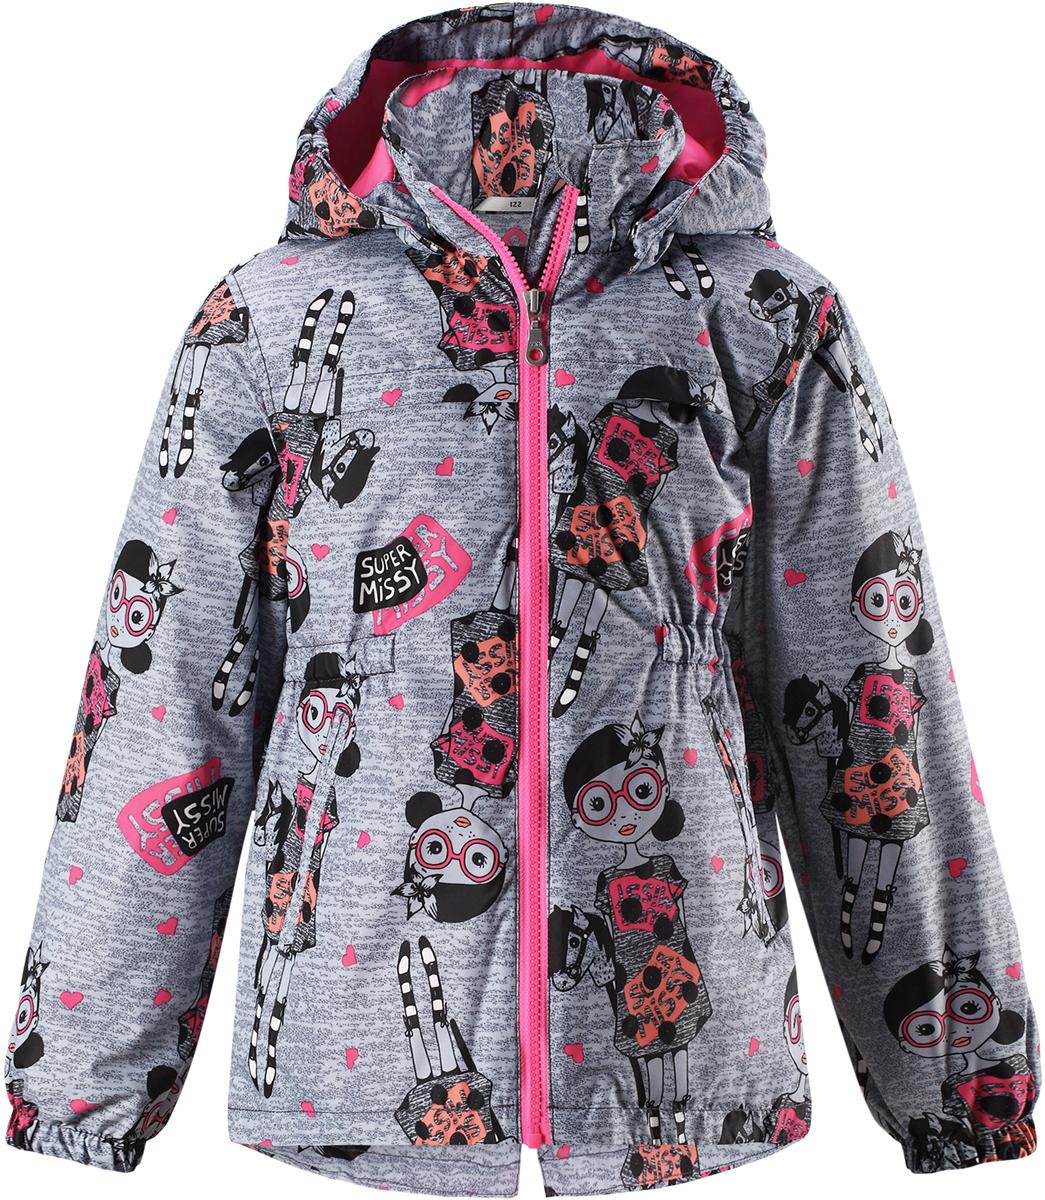 Куртка для девочки Lassie, цвет: серый. 721724R9121. Размер 104721724R9121Детская куртка Lassie идеально подойдет для ребенка в холодное время года. Куртка изготовлена из водоотталкивающей и ветрозащитной ткани. Материал отличается высокой устойчивостью к трению, благодаря специальной обработке полиуретаном поверхность изделия отталкивает грязь и воду, что облегчает поддержание аккуратного вида одежды, дышащее покрытие с изнаночной части не раздражает даже самую нежную и чувствительную кожу ребенка, обеспечивая ему наибольший комфорт. Куртка застегивается на пластиковую застежку-молнию с защитой подбородка, благодаря чему ее легко надевать и снимать. Края рукавов дополнены неширокими эластичными манжетами. Спереди куртка дополнена двумя прорезными кармашками. Также модель дополнена светоотражающими элементами для безопасности в темное время суток. Все швы проклеены, не пропускают влагу и ветер.